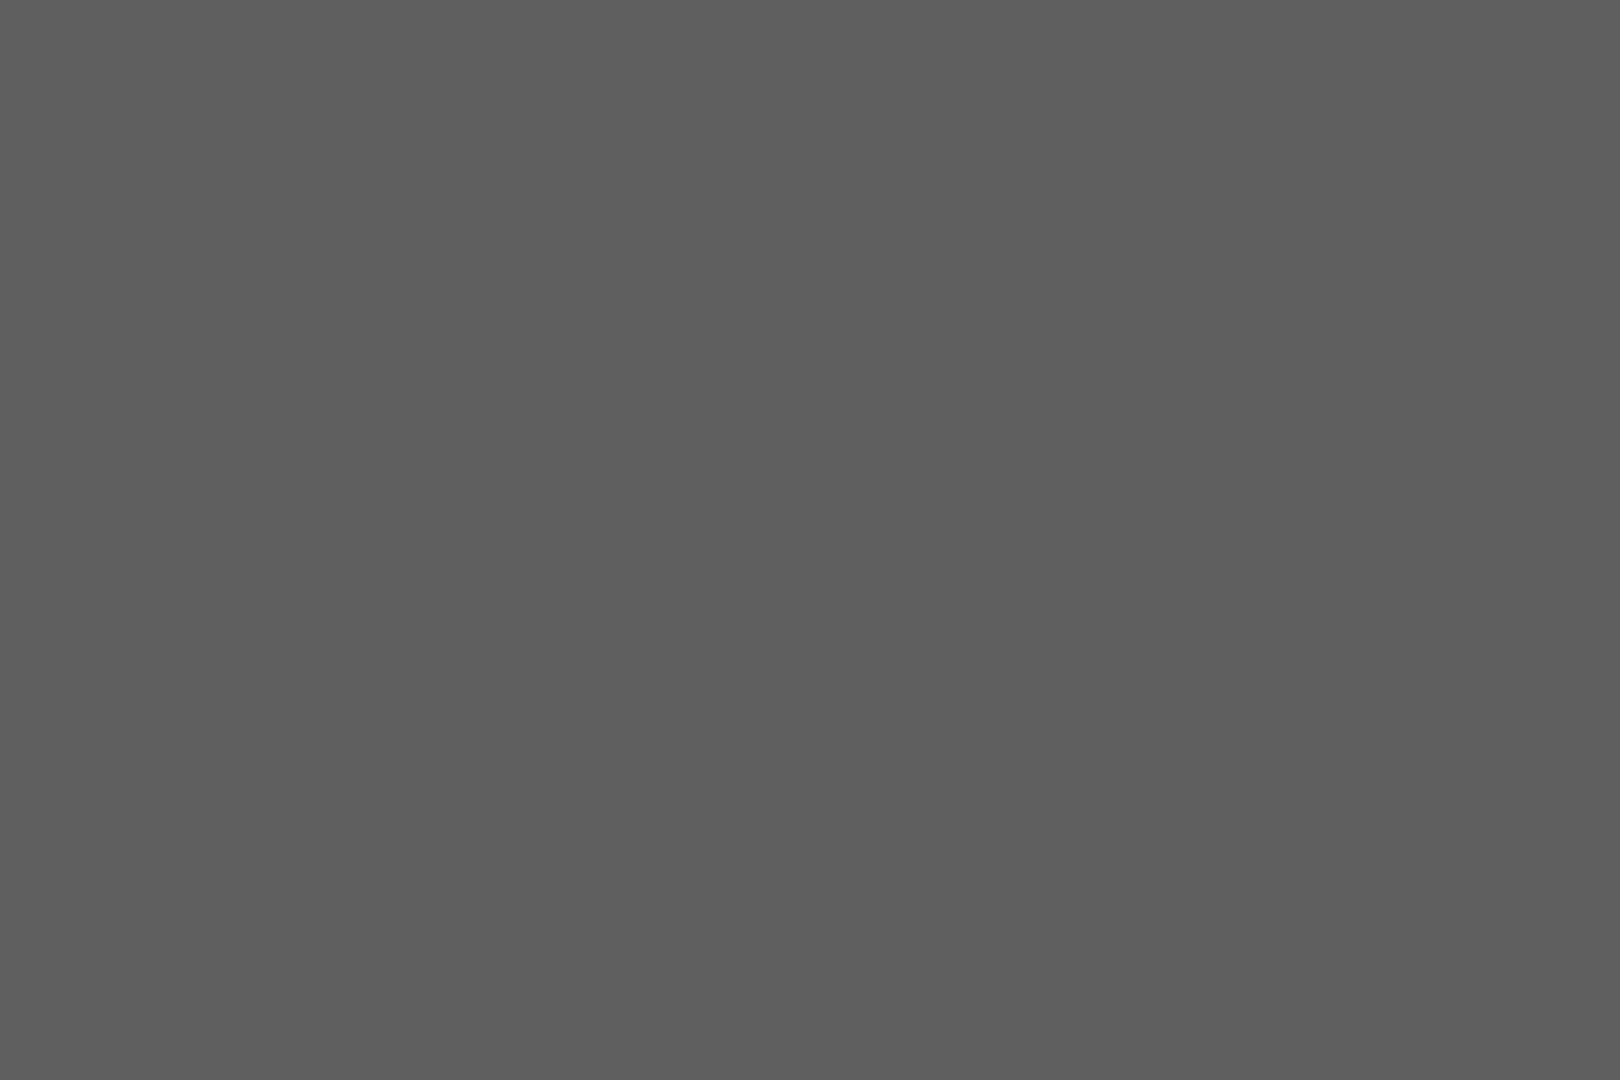 充血監督の深夜の運動会Vol.8 美しいOLの裸体 | おっぱい  75pic 67